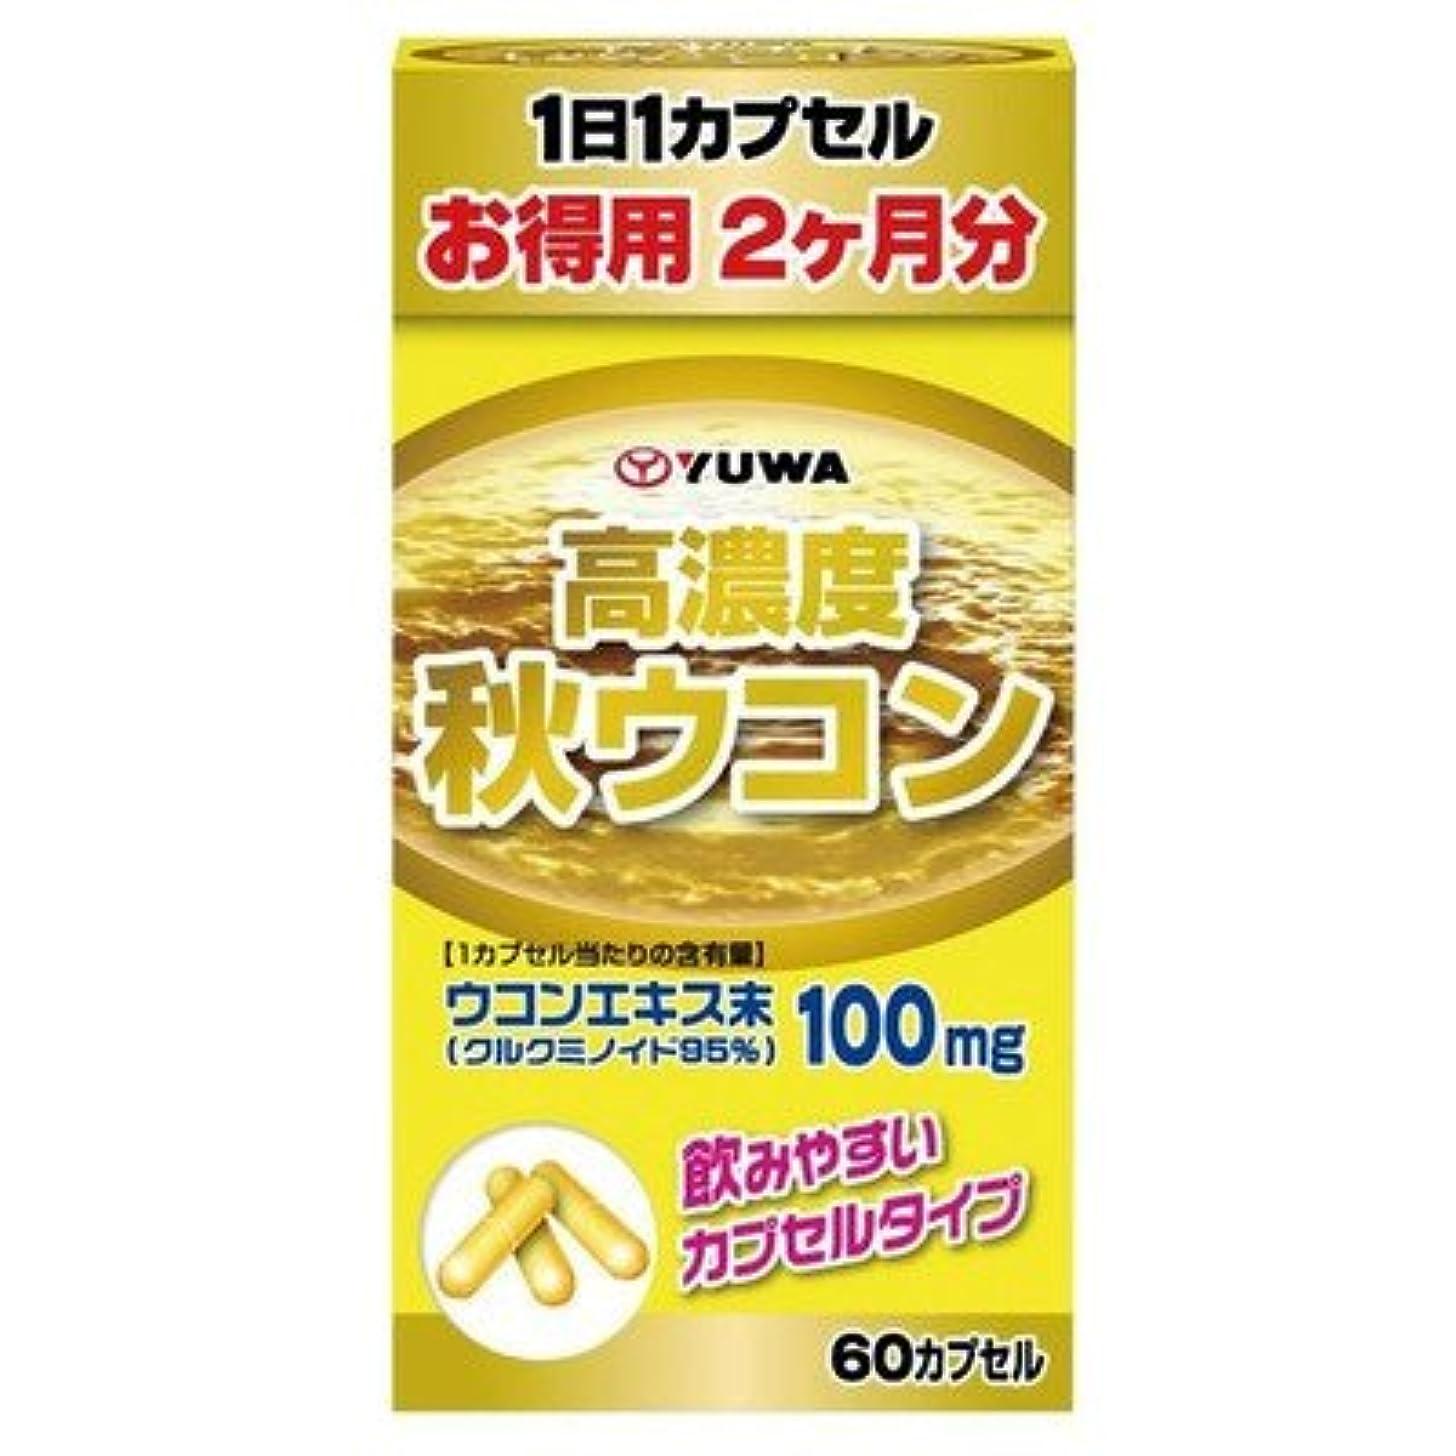 ユーワ 高濃度秋ウコン お得用約2ヶ月分 60カプセル 1490